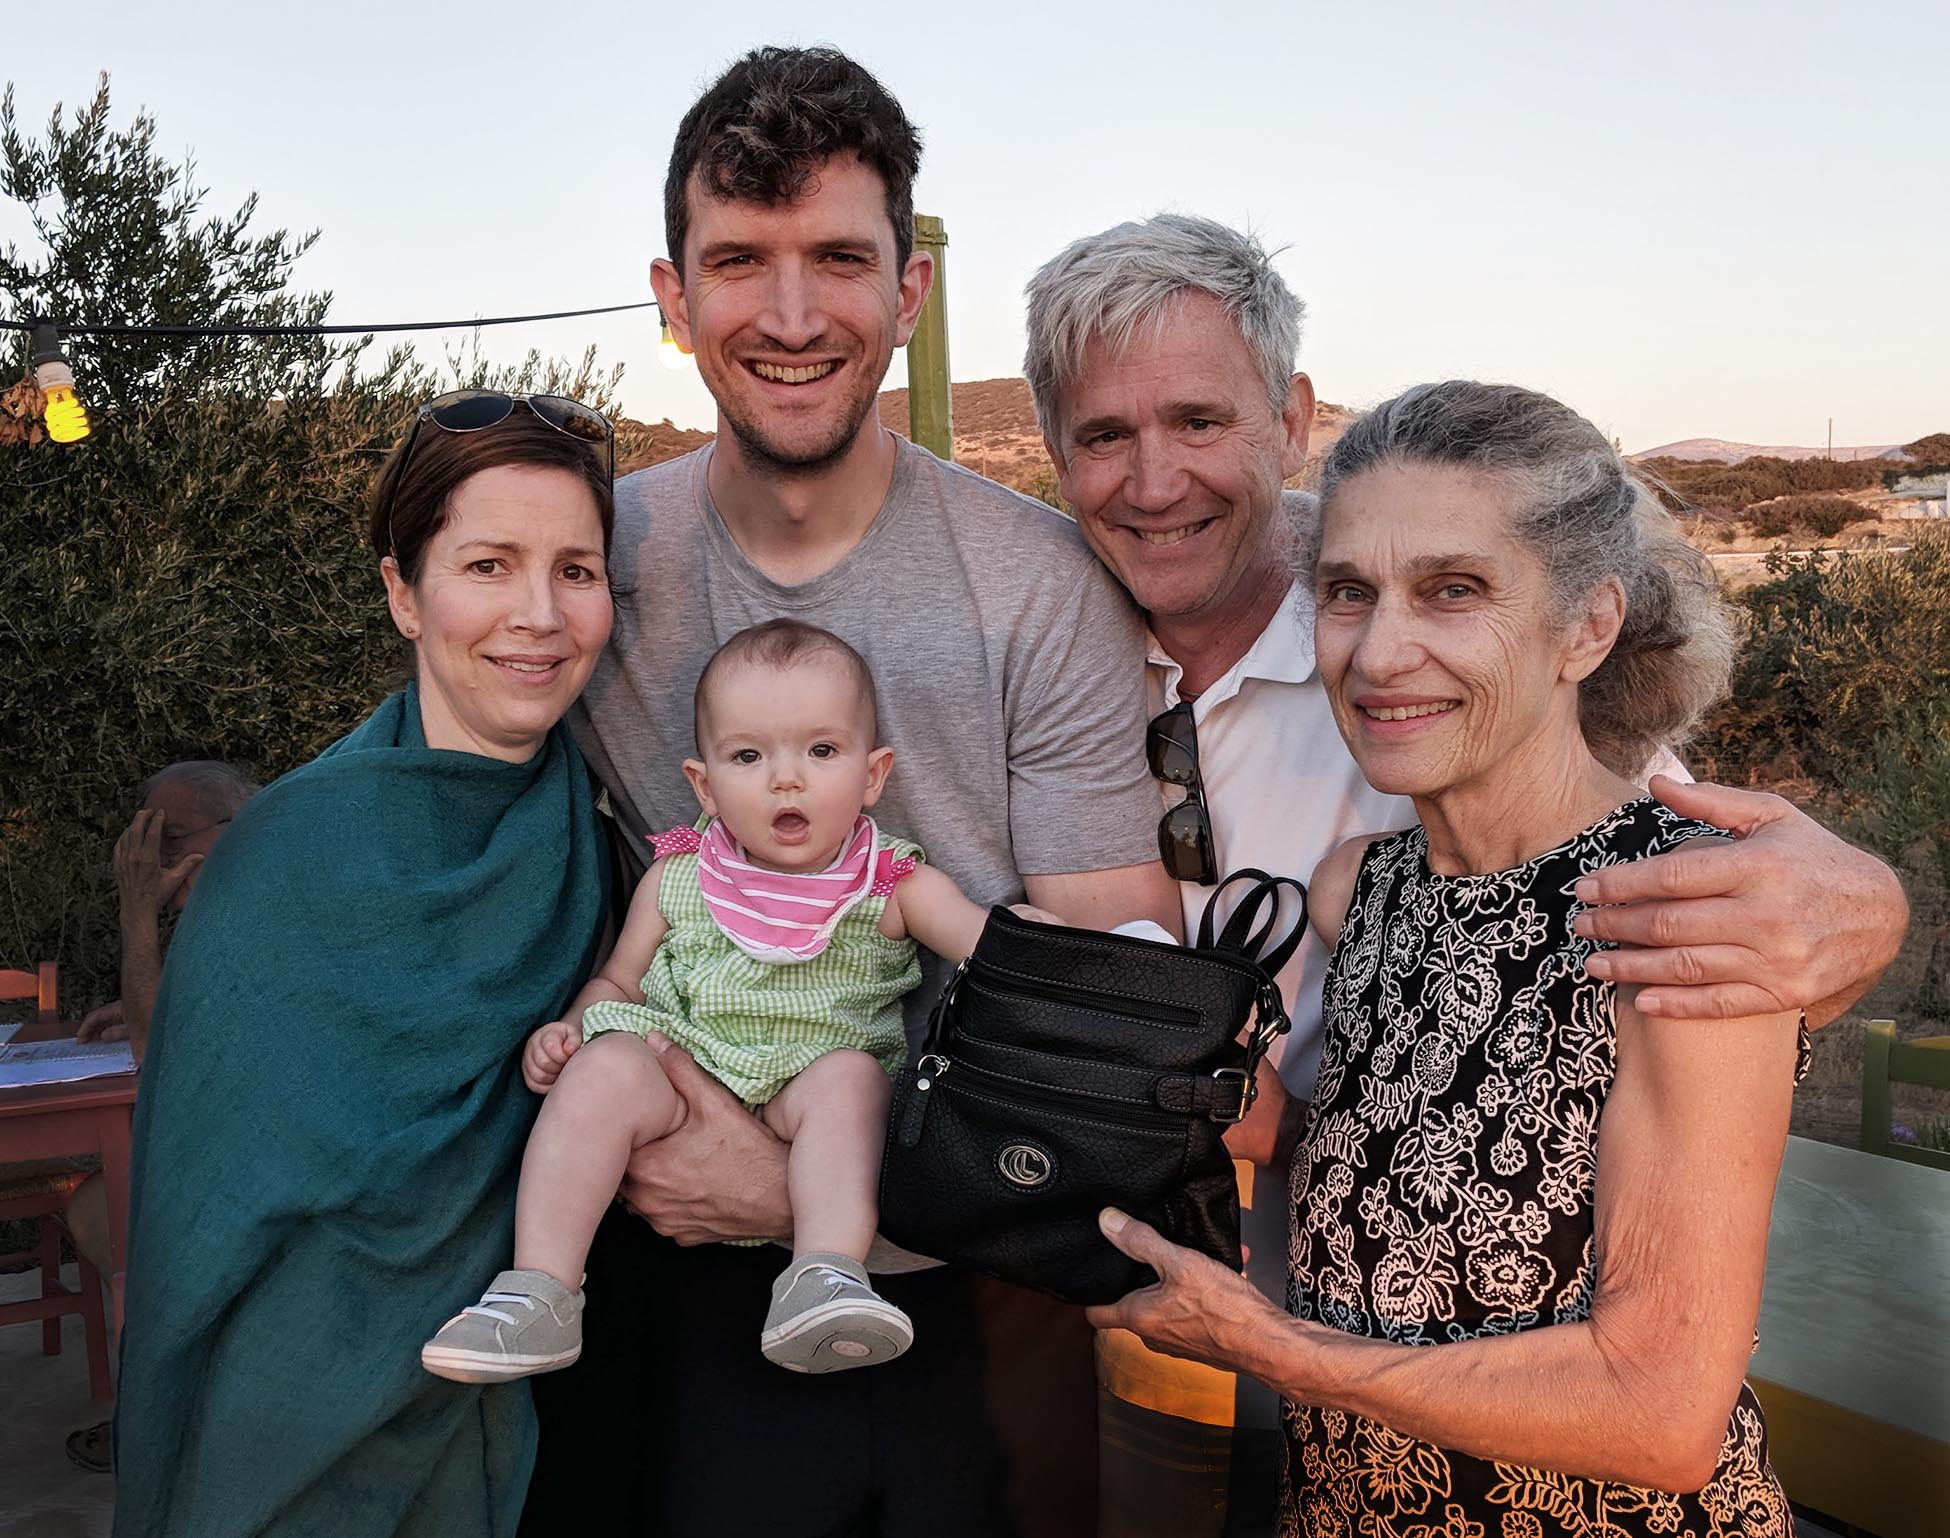 Reiter Family in Greece 2018.jpg